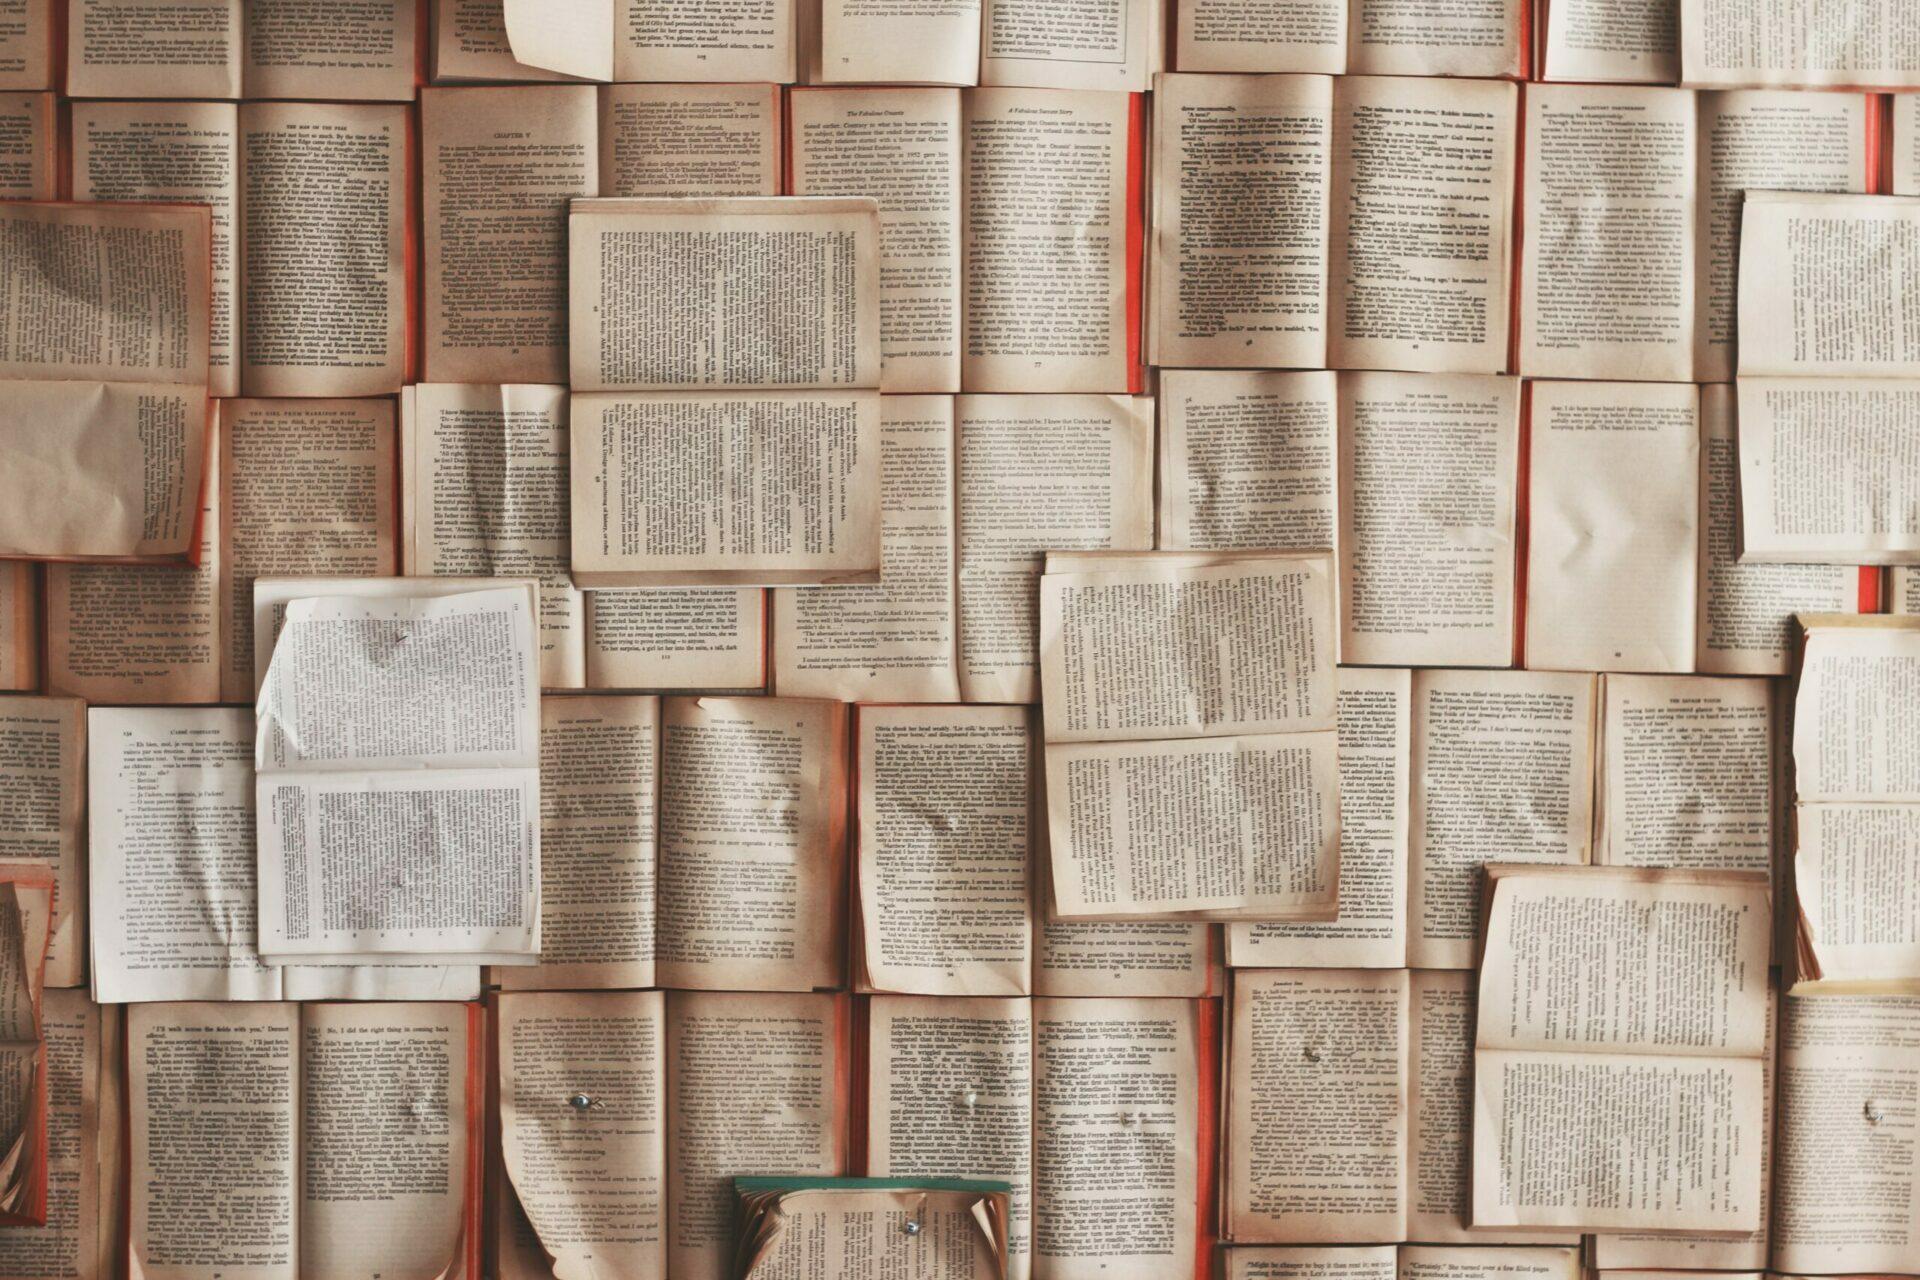 Sicht von oben auf aufgeschlagene Bücher.